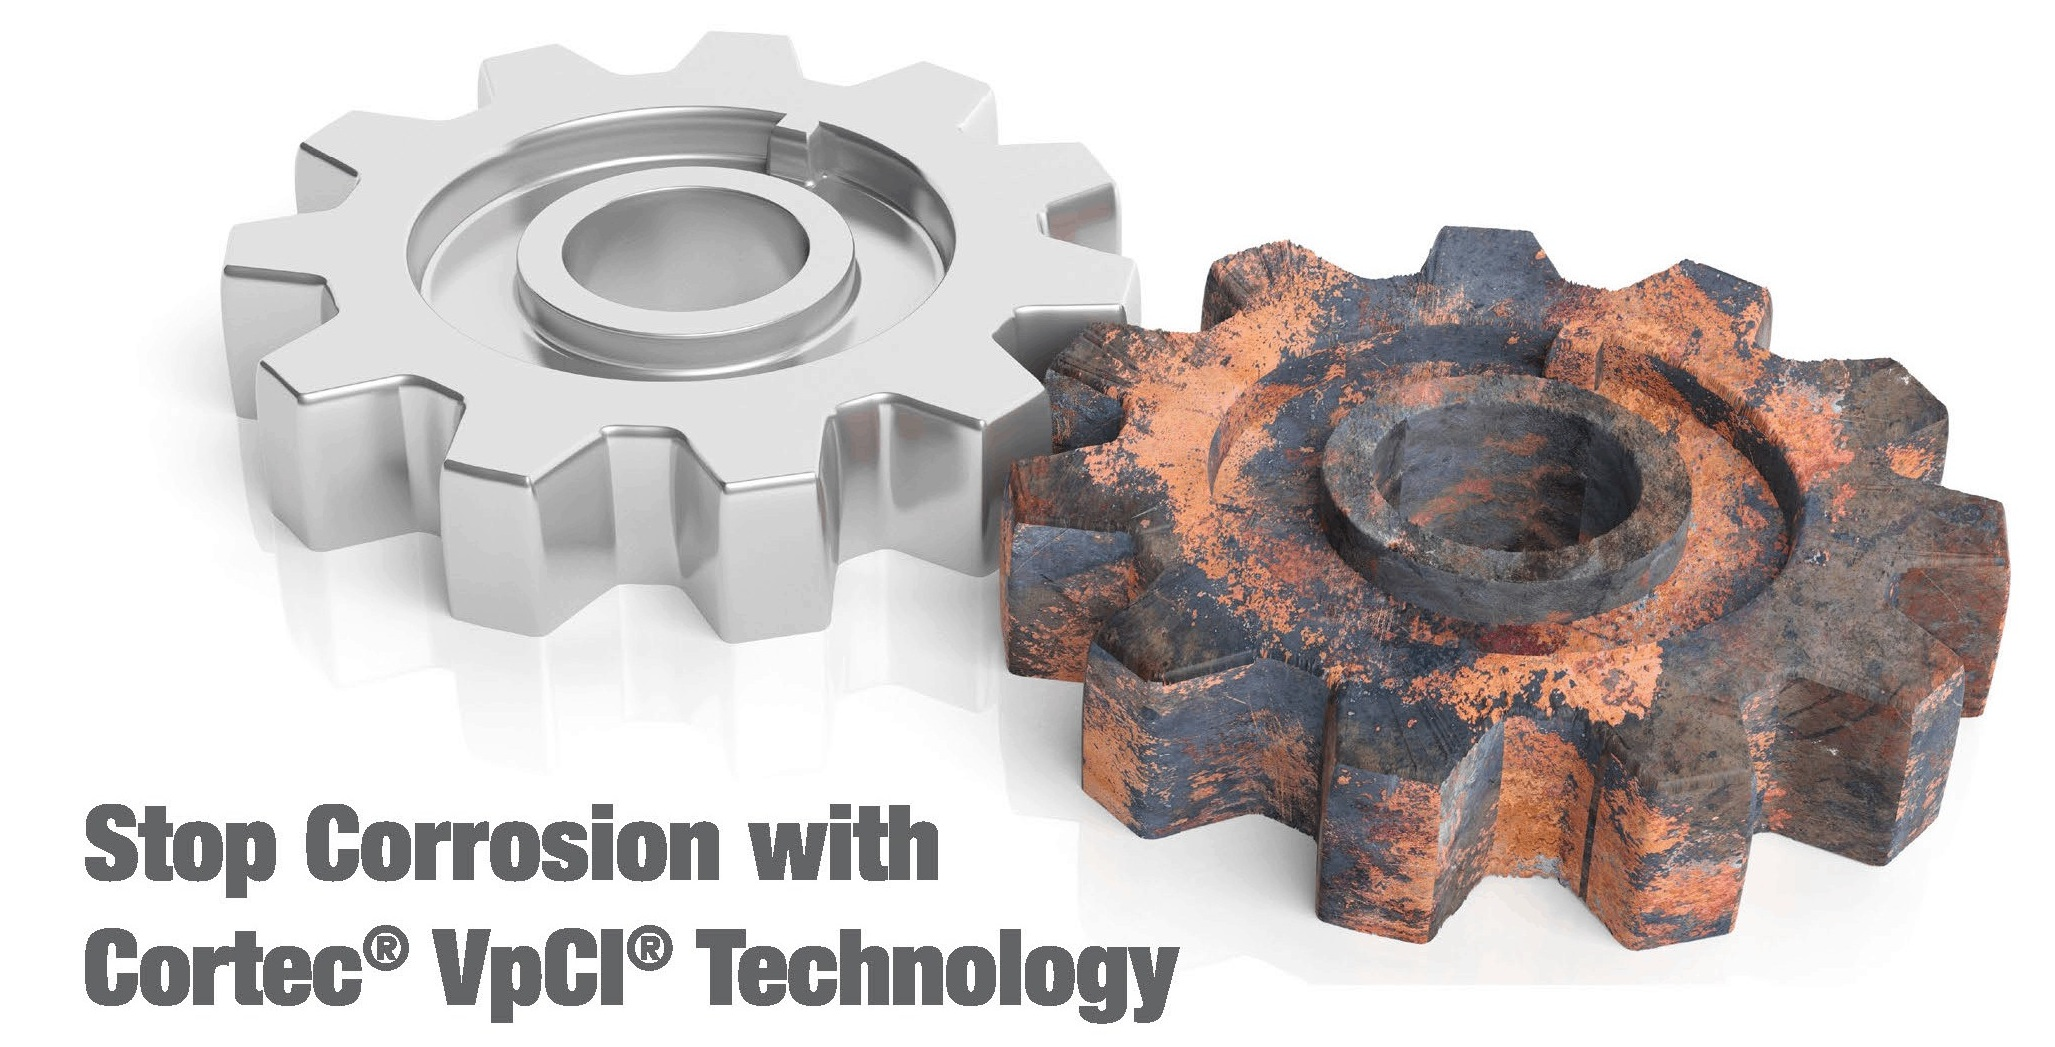 vpci-technology 5